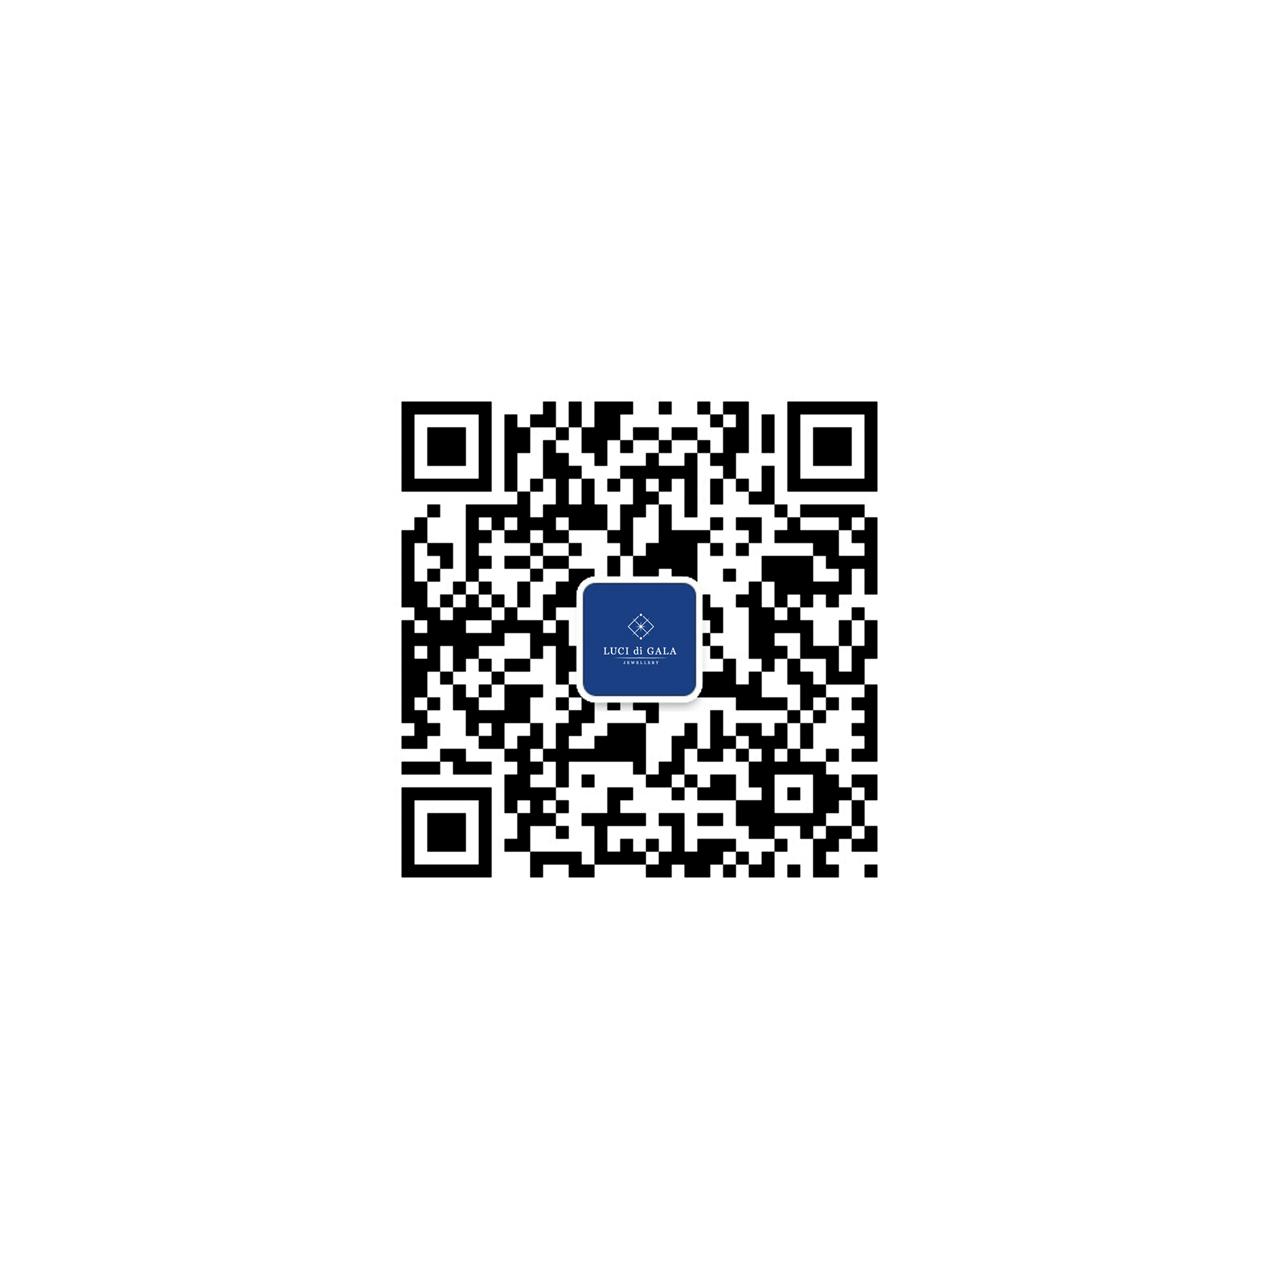 麗思嘉蘭 的微信二維碼-1.jpg